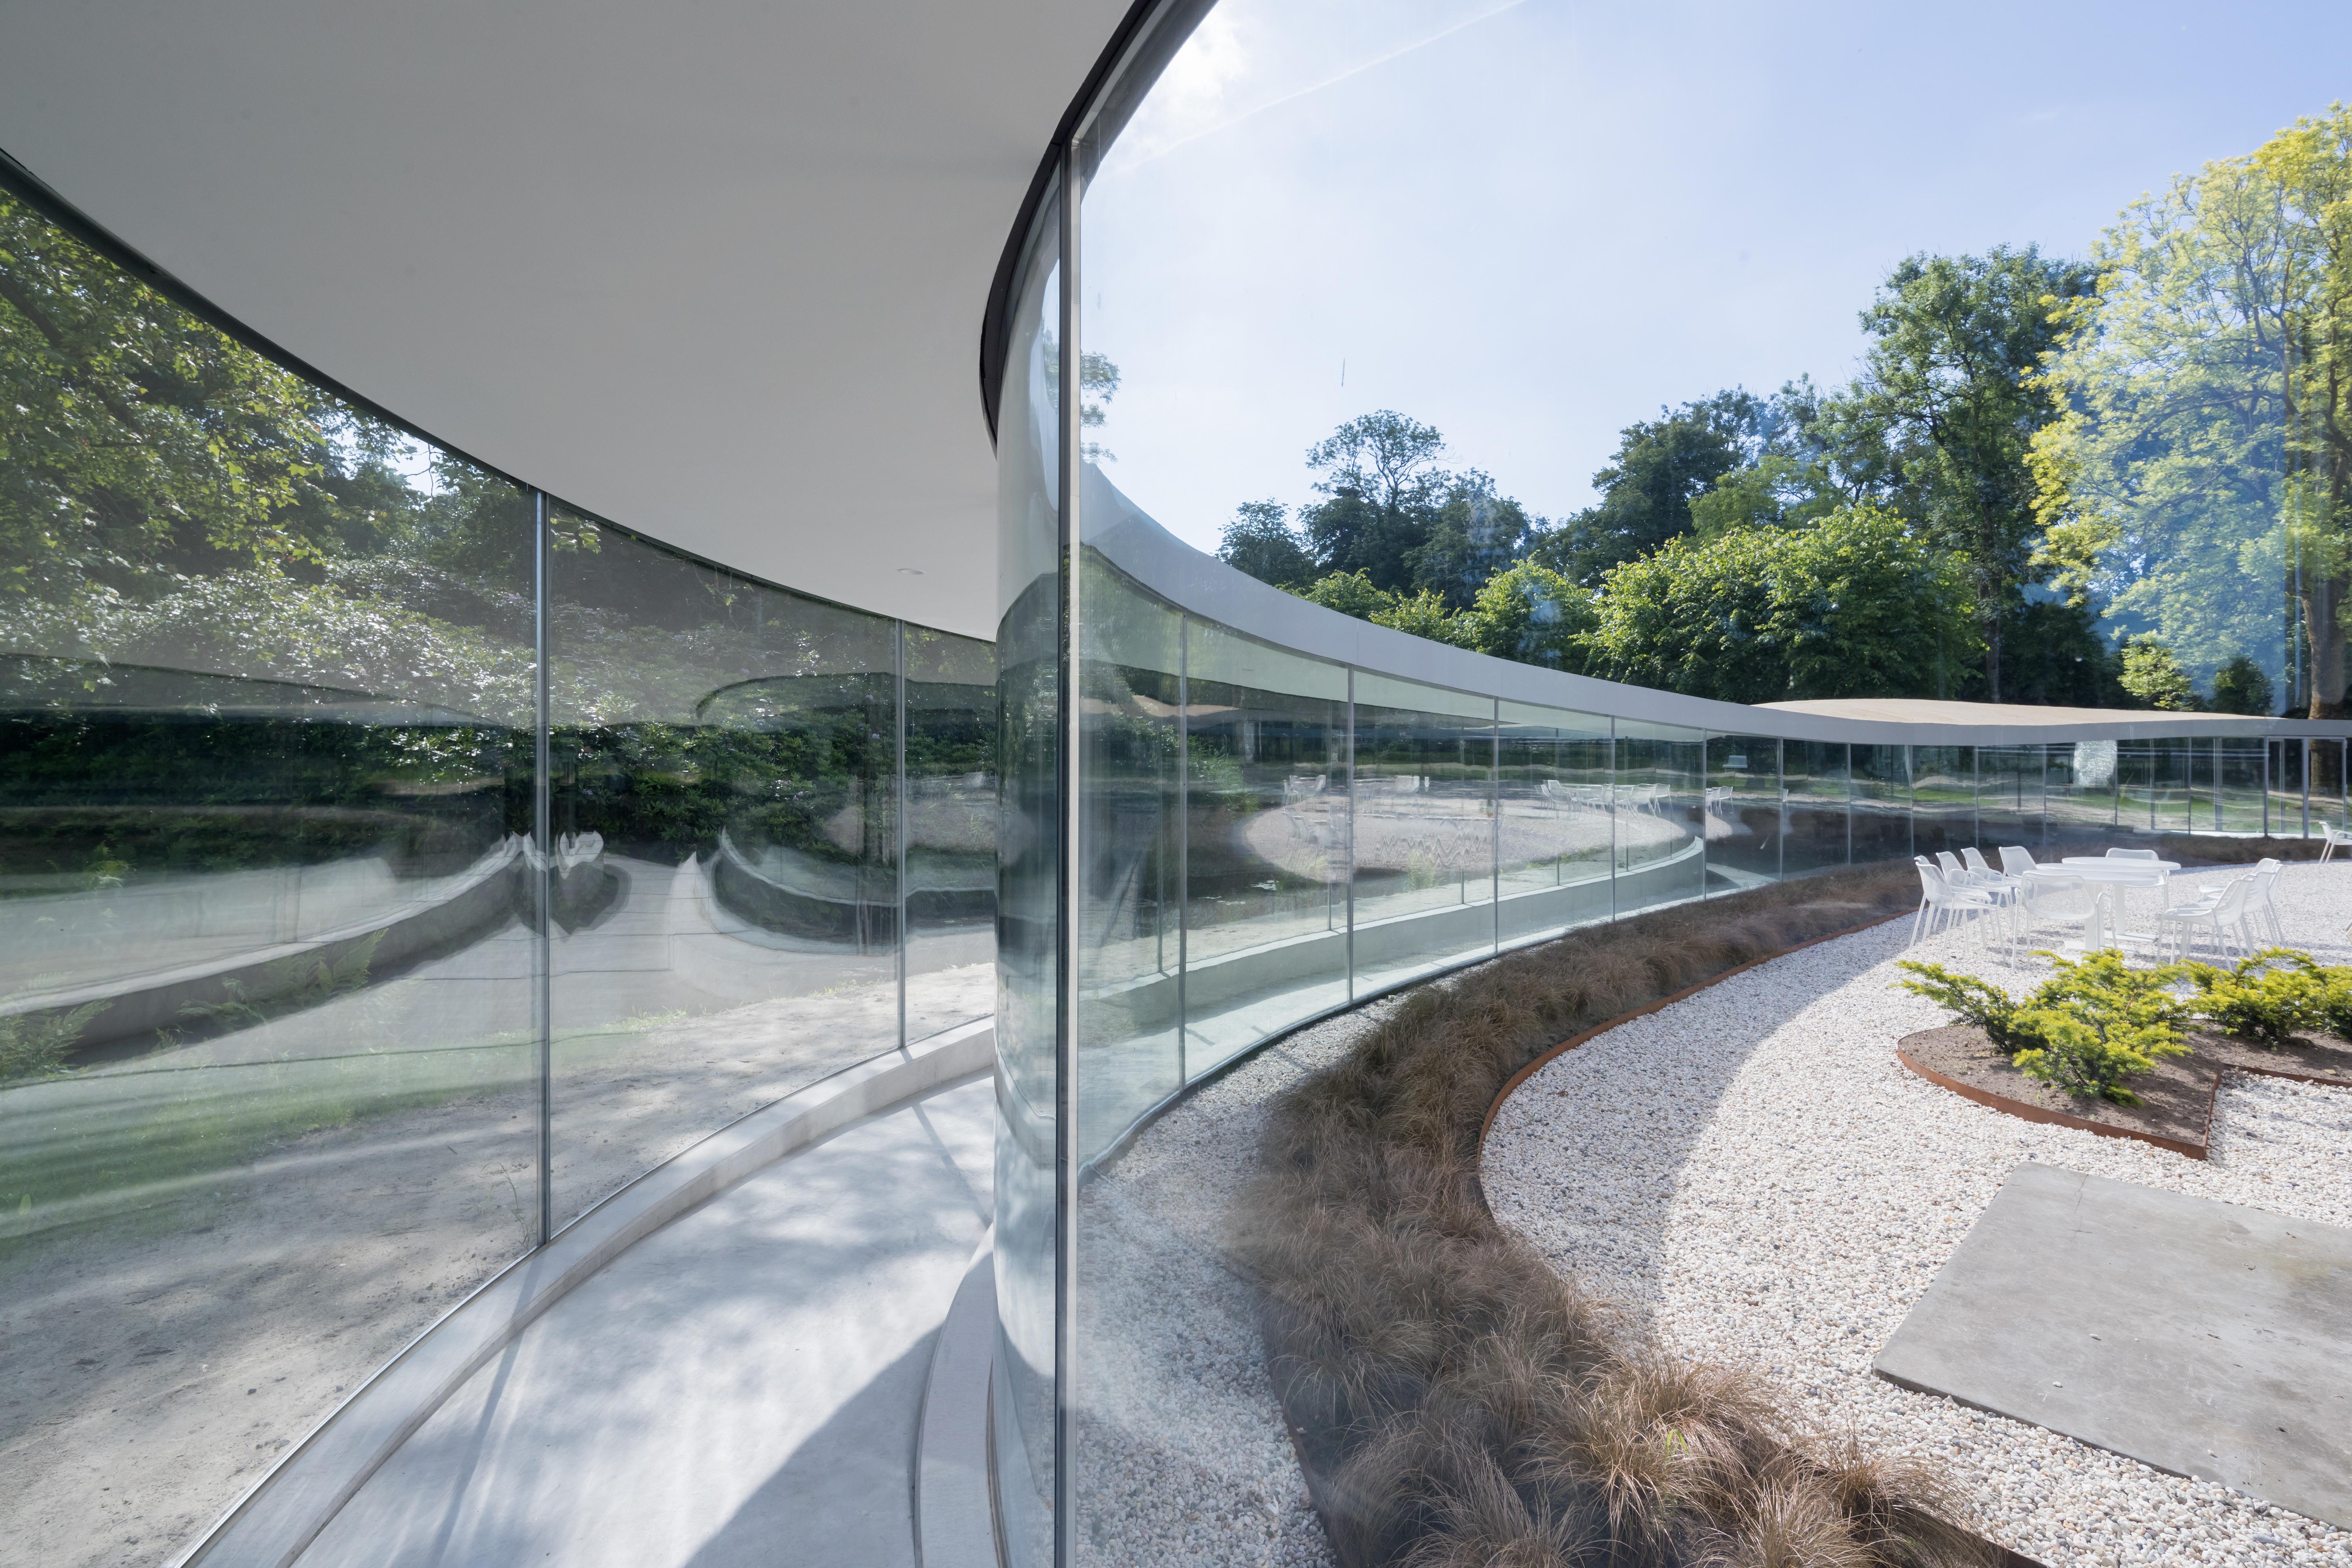 <p>De glazen gangen leiden bezoekers vanuit het park naar het hart van het bezoekerscentrum  (Foto © Iwan Baan)</p>